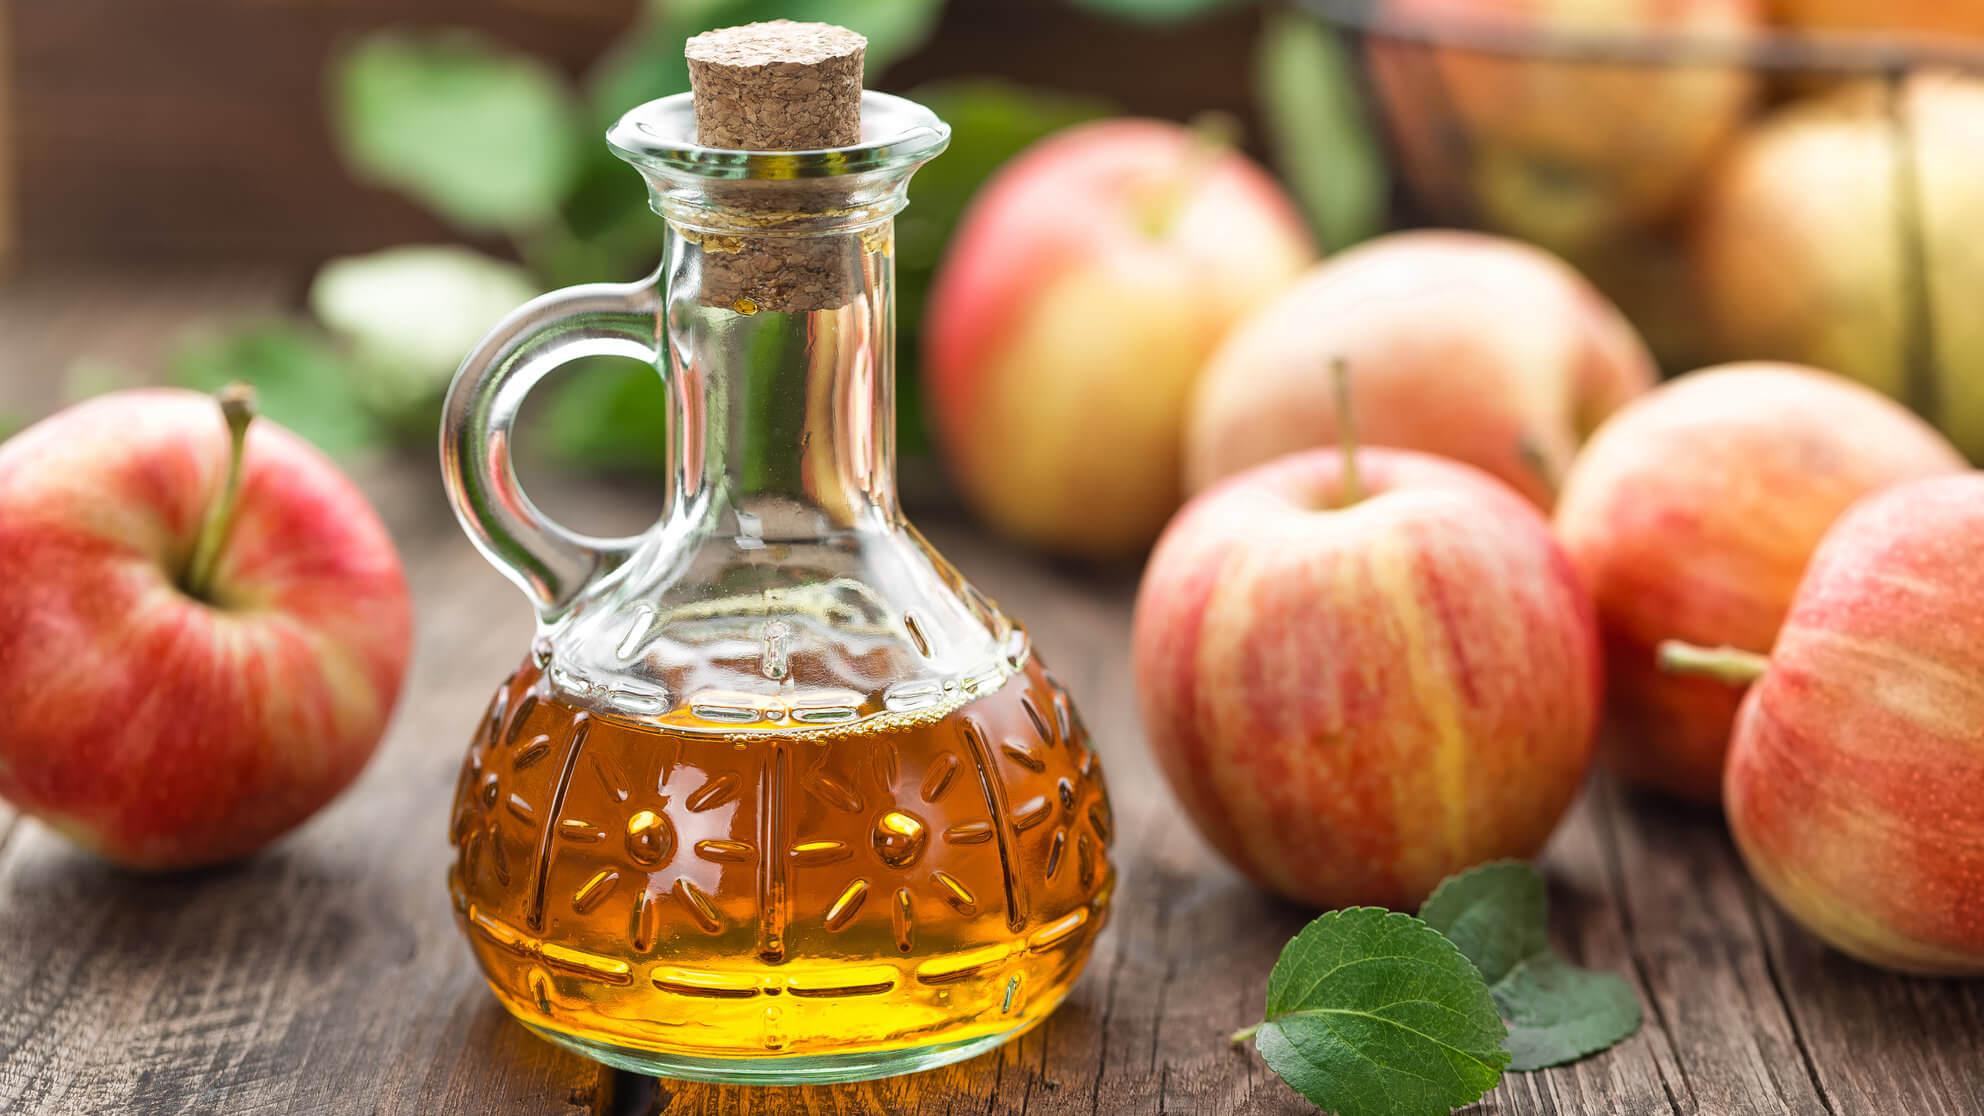 Apple cider vinegar at its best